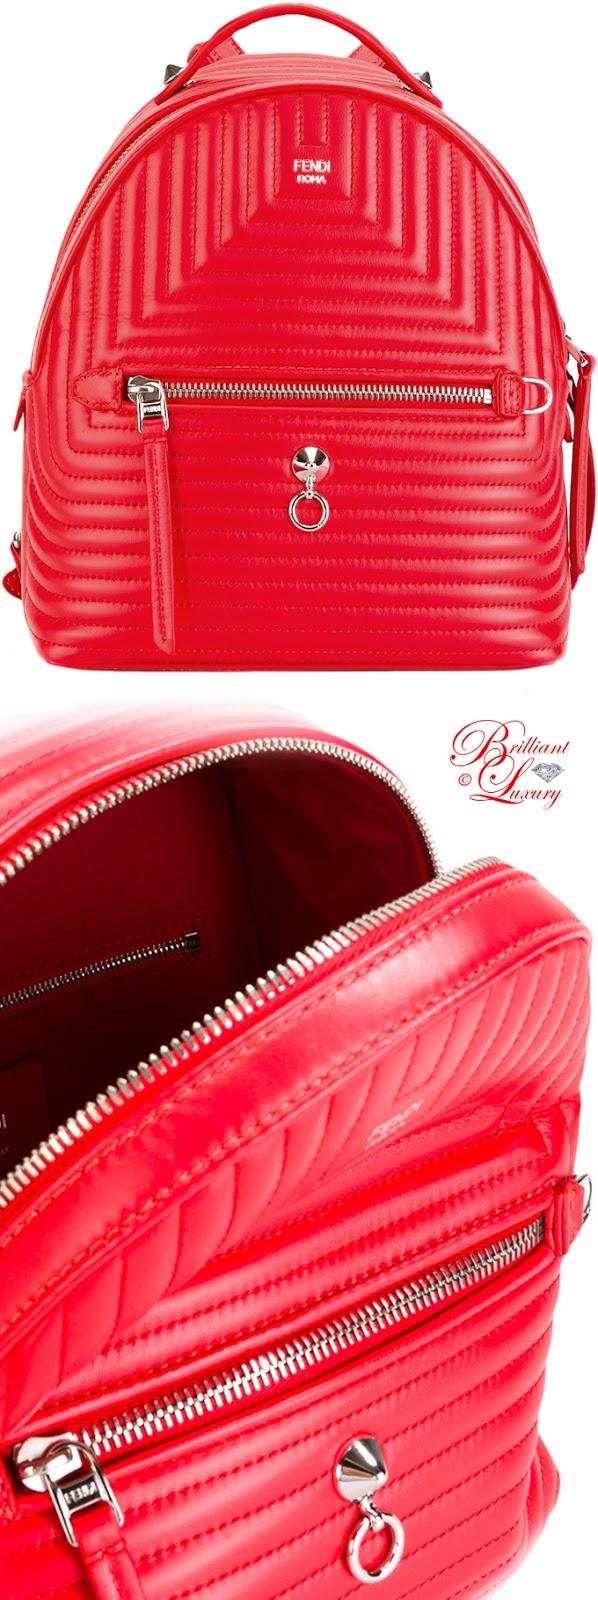 Brilliant Luxury ♦ Fendi Backpack